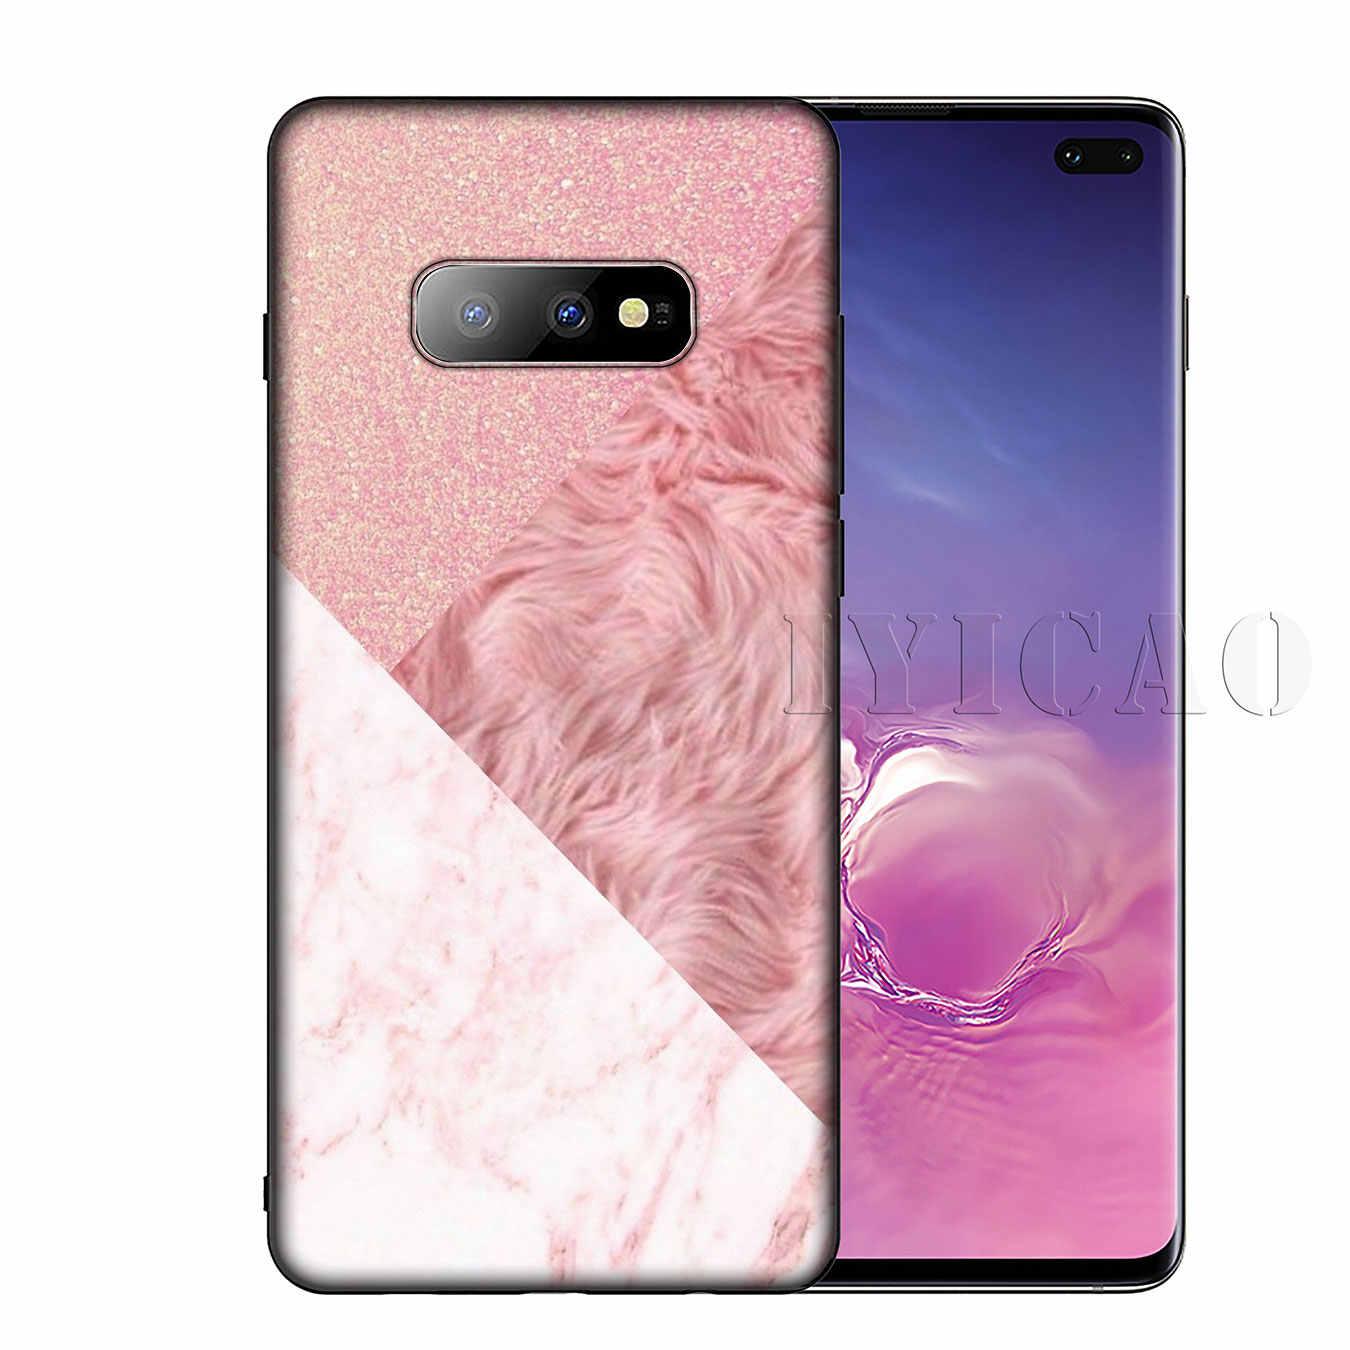 Iyicao Đá Cẩm Thạch Vàng Hồng Hoa Hồng Lấp Lánh Bụi Silicon Mềm Ốp Lưng Điện Thoại Samsung Galaxy S10 S9 S8 Plus S6 S7 edge S10e E Bao